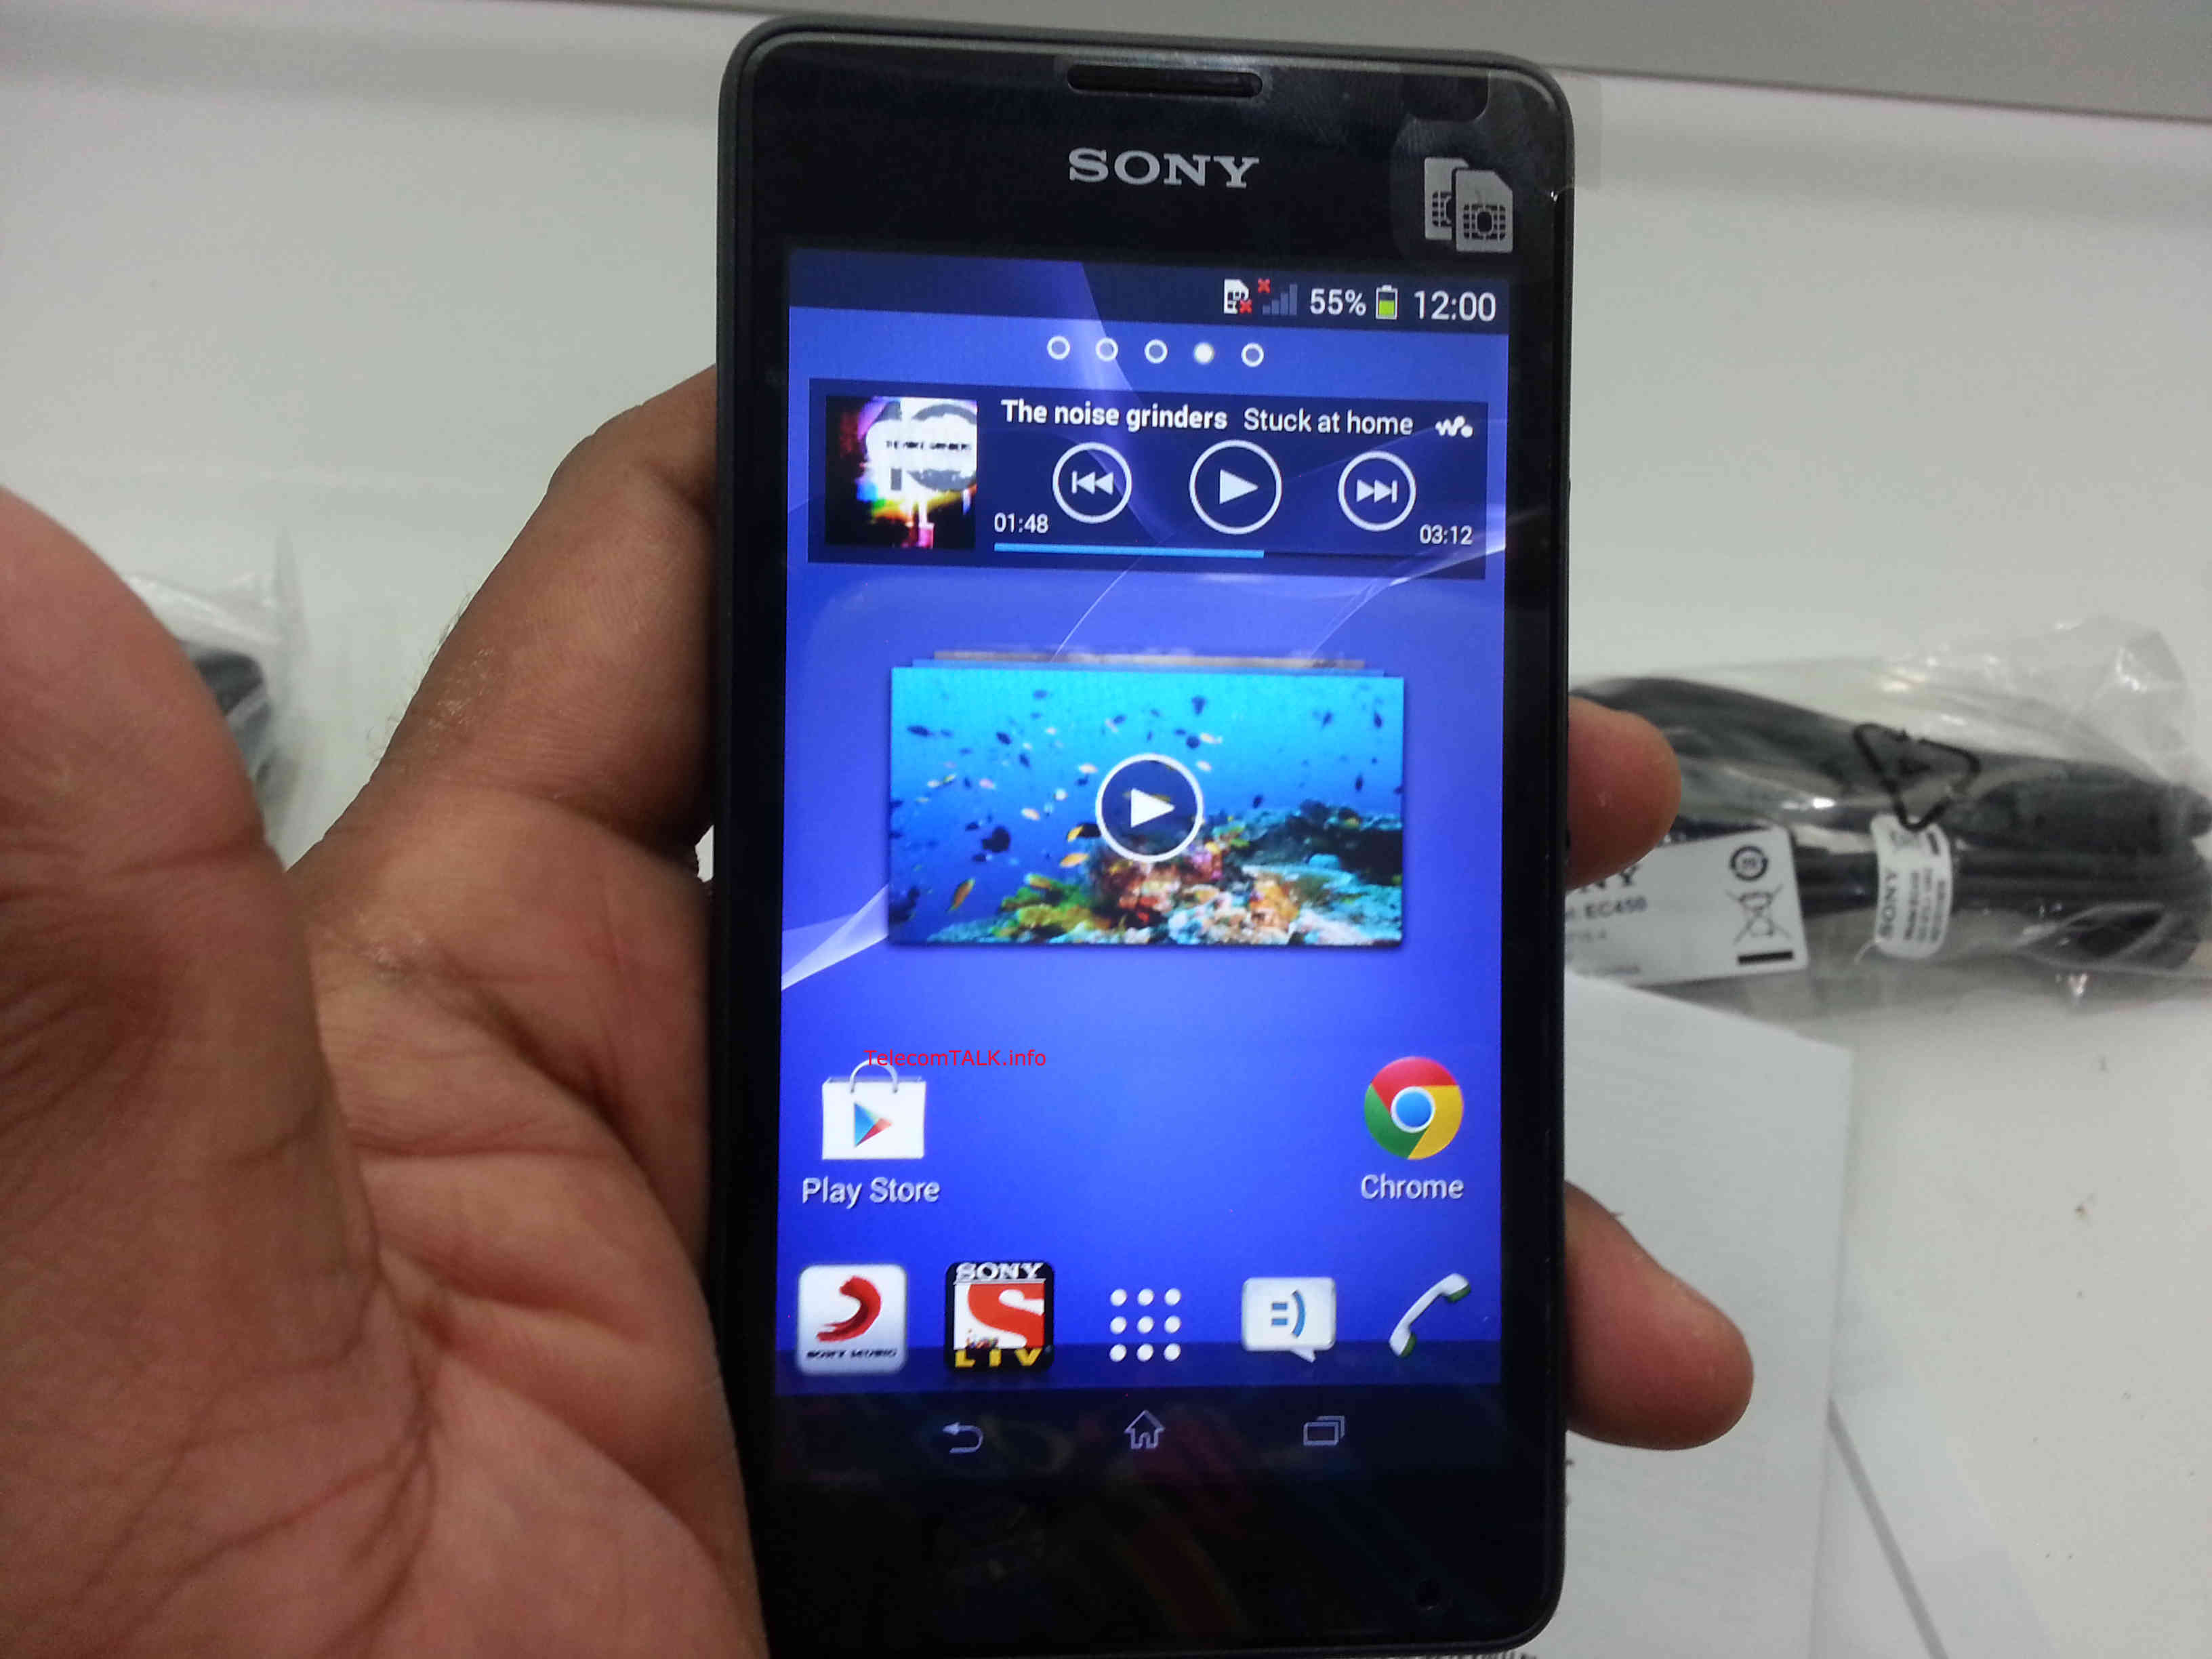 Sony Xperia E1 sở hữu công nghệ âm thanh tiên tiến, thiết kế đẹp mắt